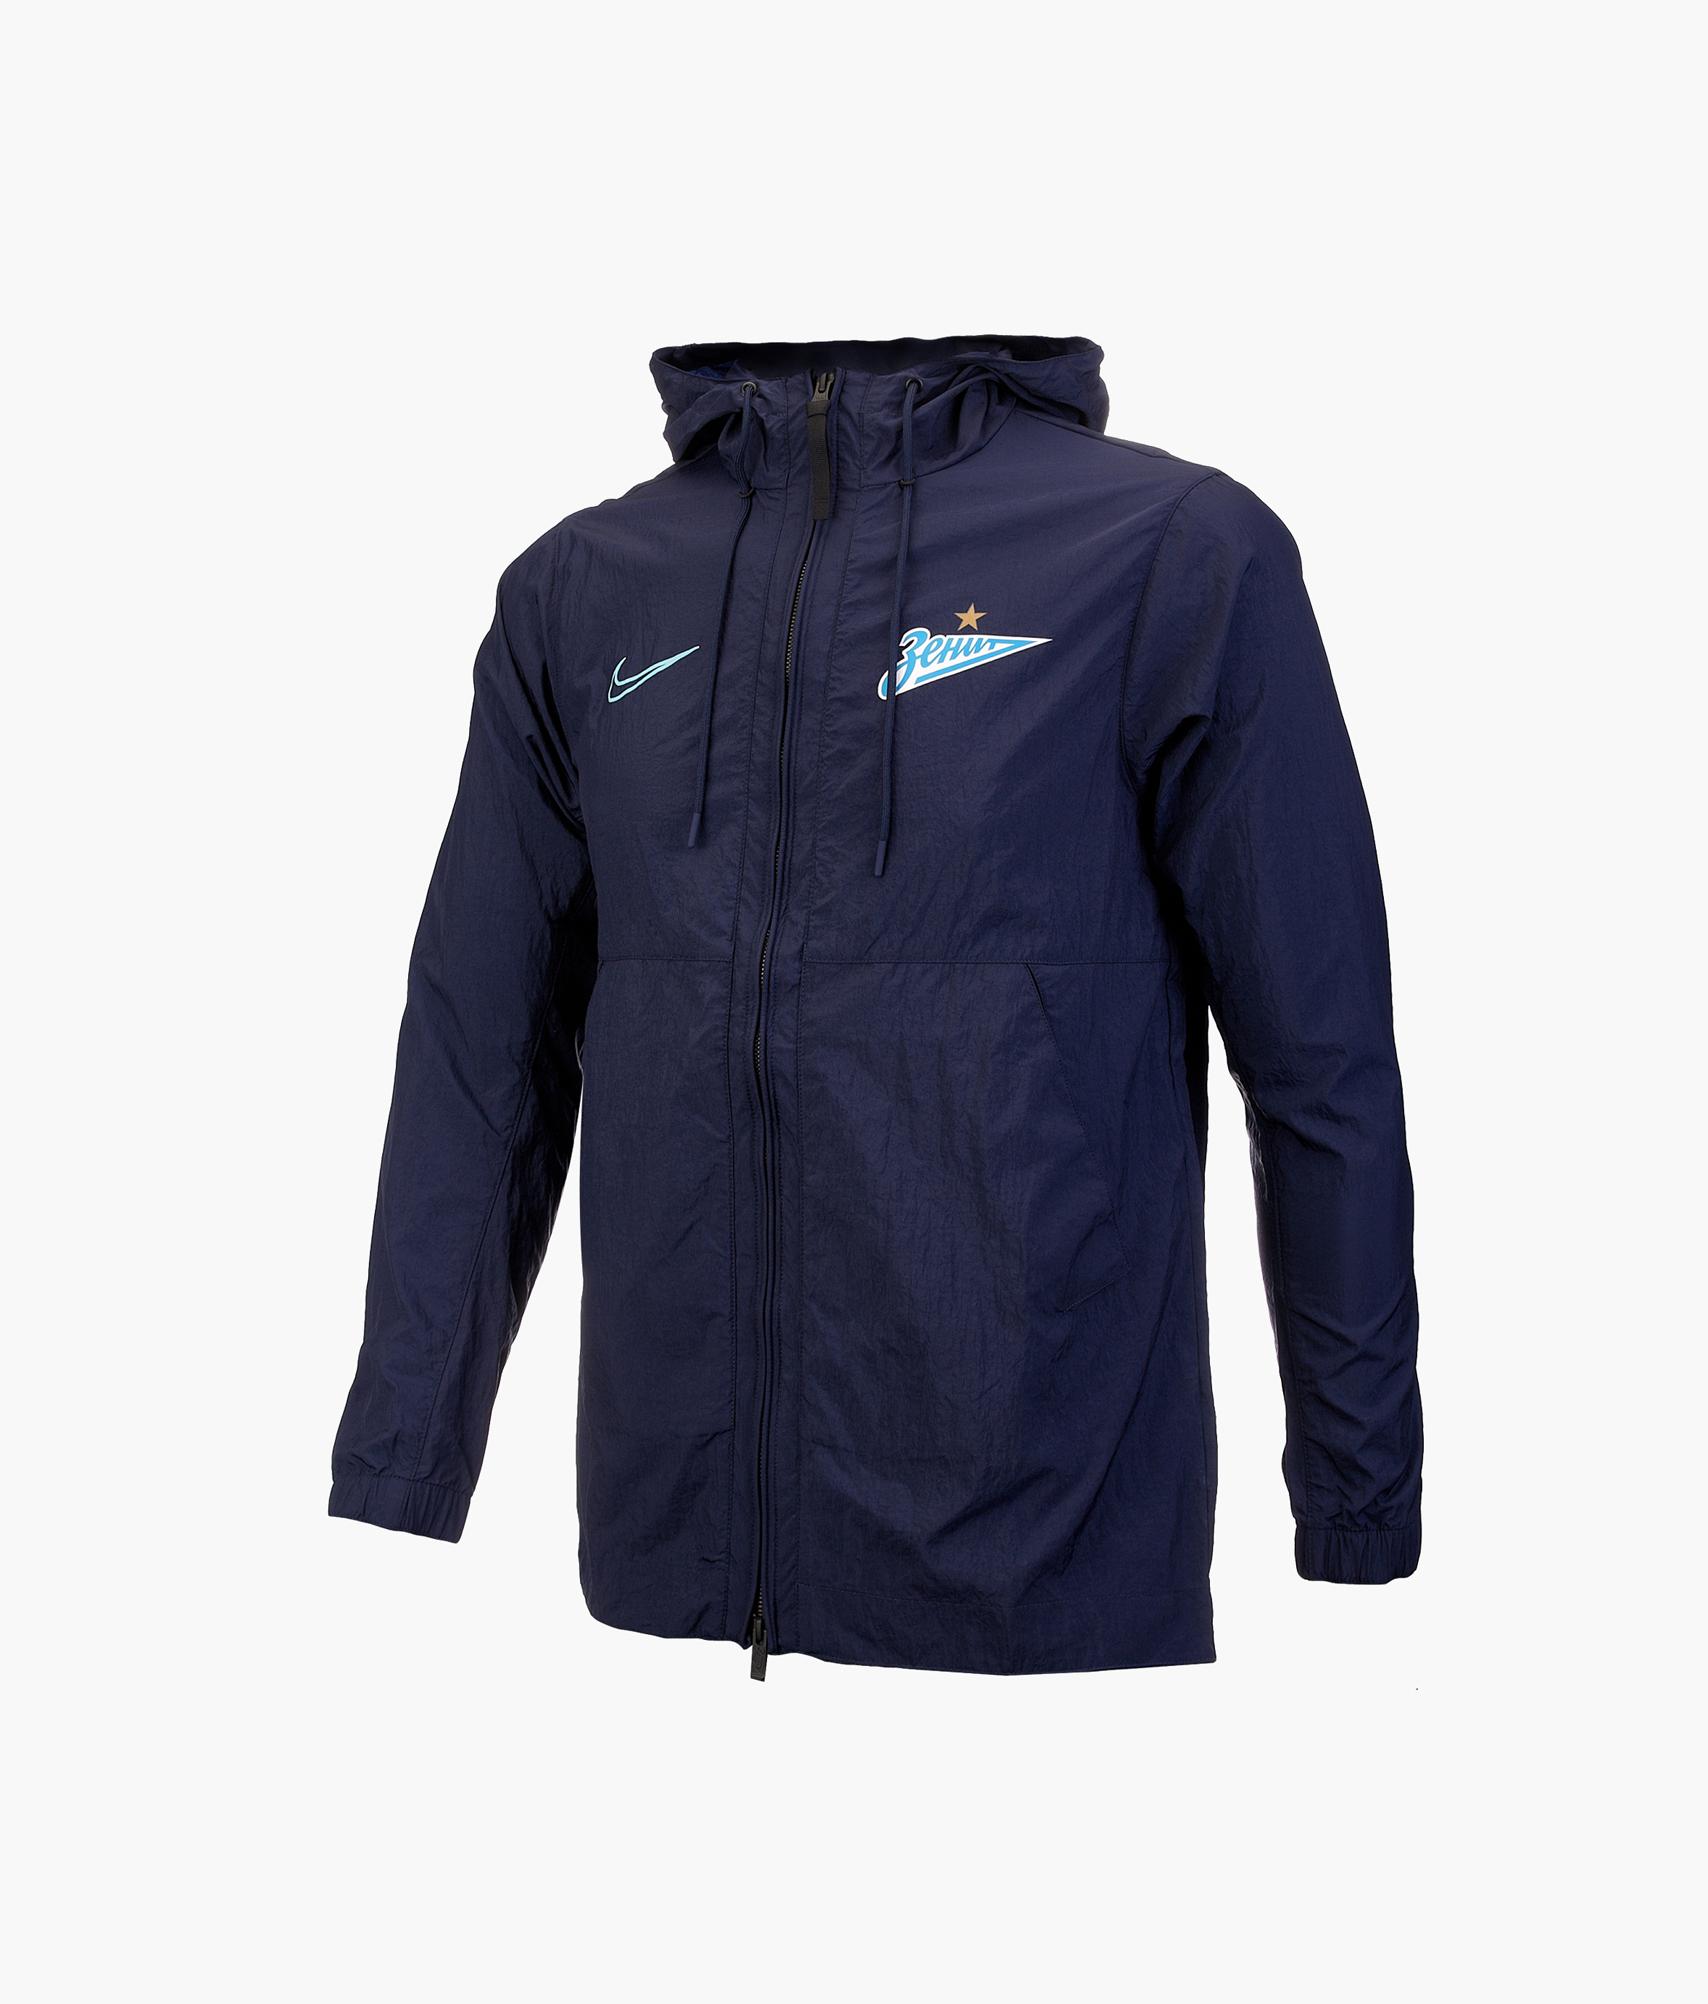 цена Ветровка Nike Zenit 2019/20 Nike Цвет-Темно-Синий онлайн в 2017 году